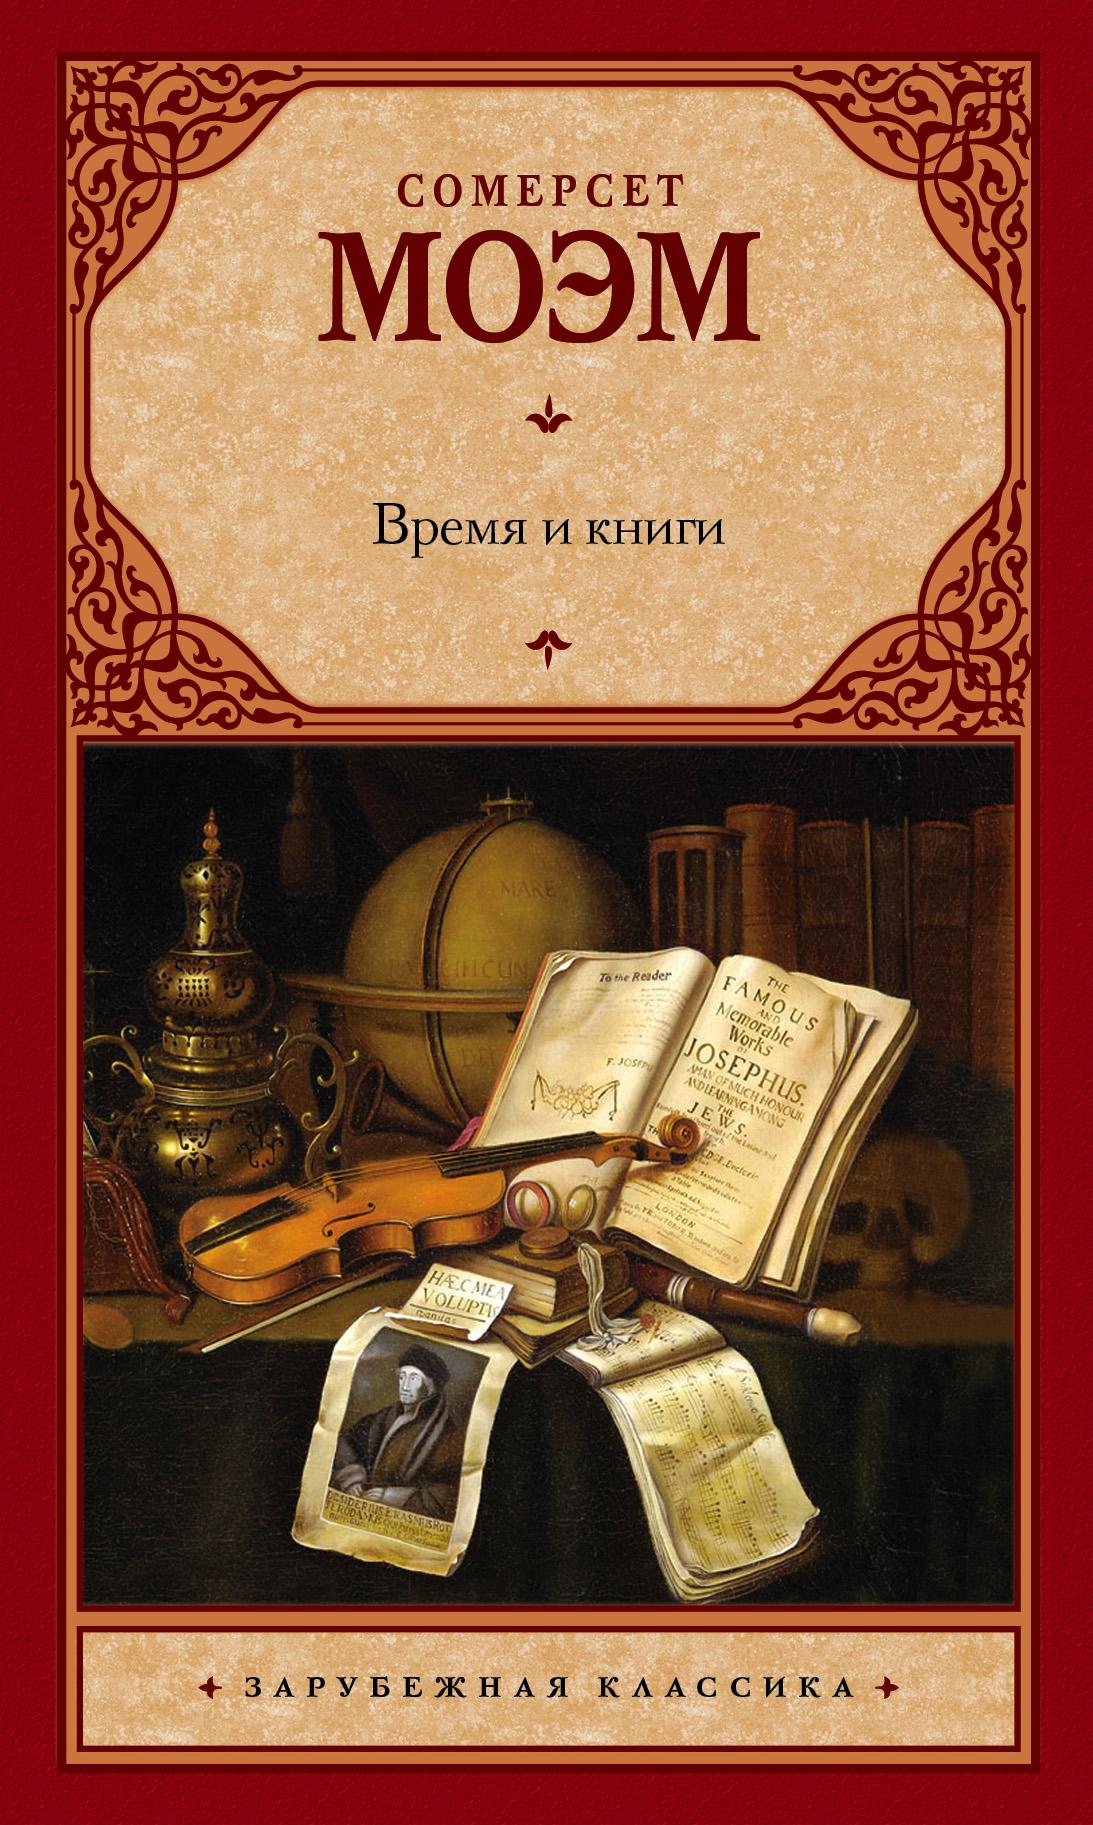 Уильям Сомерсет Моэм Время и книги (сборник) уильям сомерсет моэм узорный покров isbn 978 5 17 080079 7